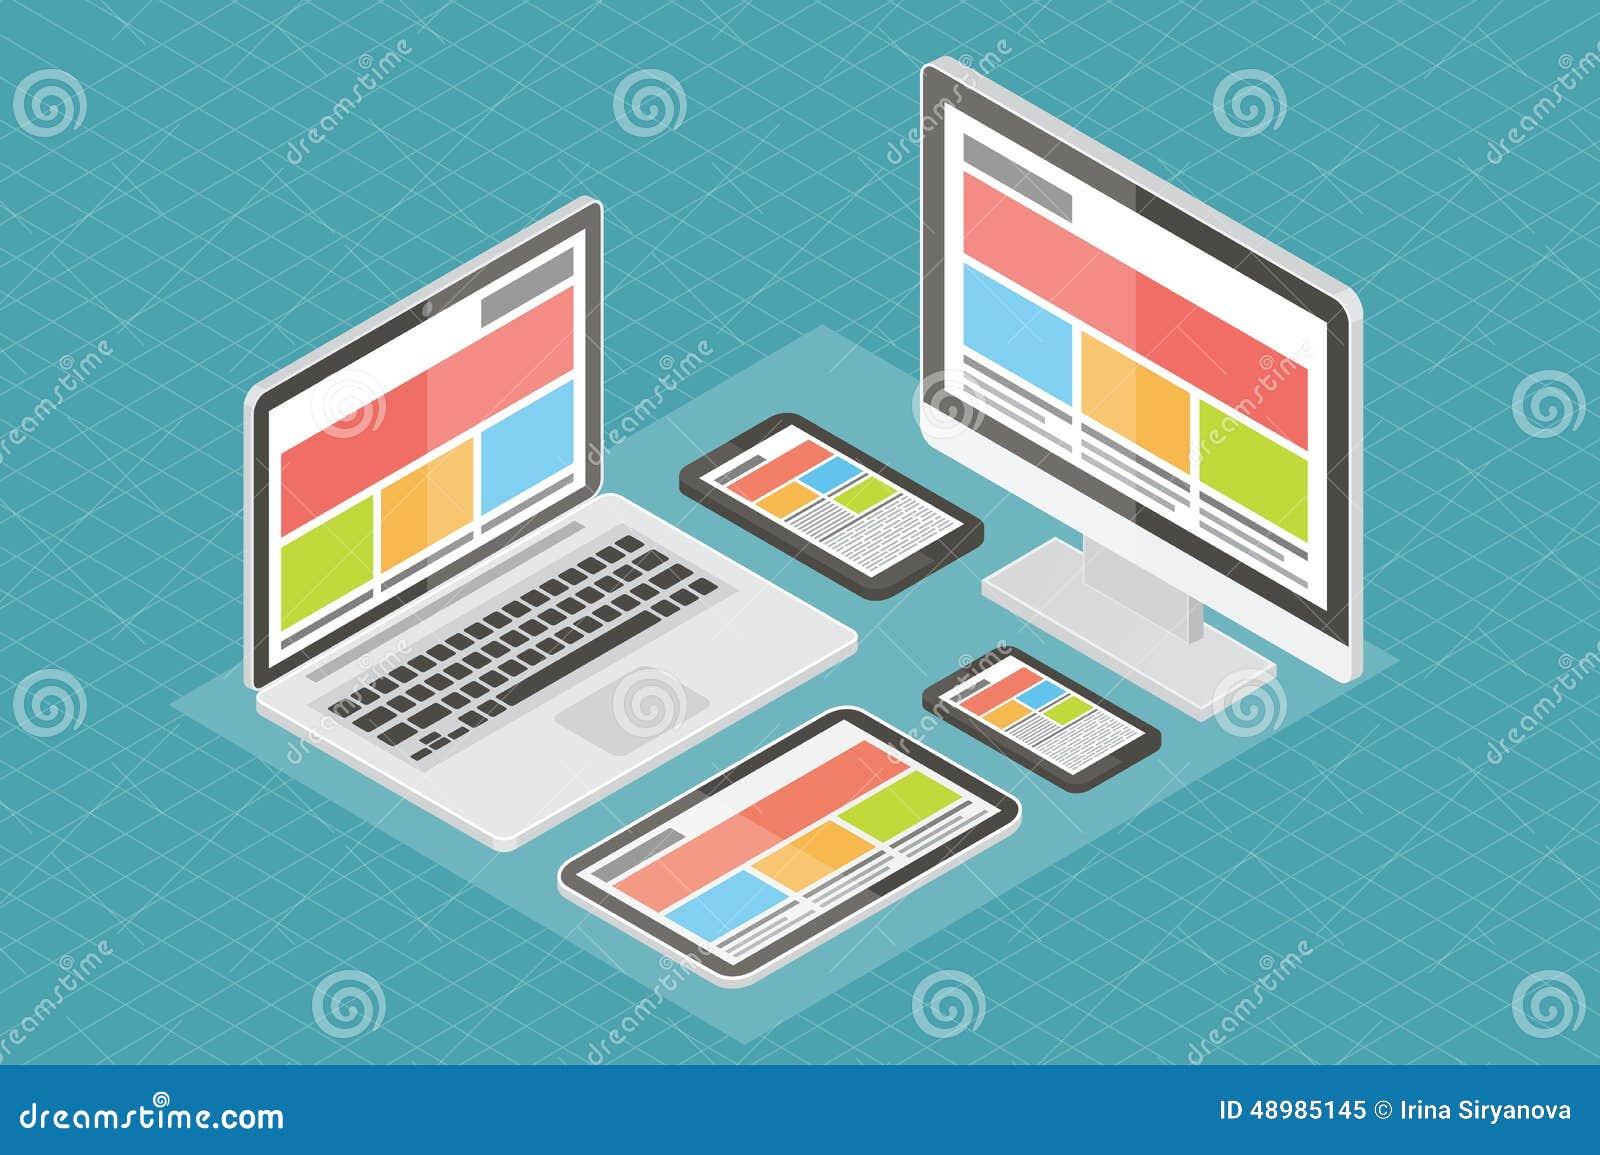 Responsive web design, computer equipment, 3d